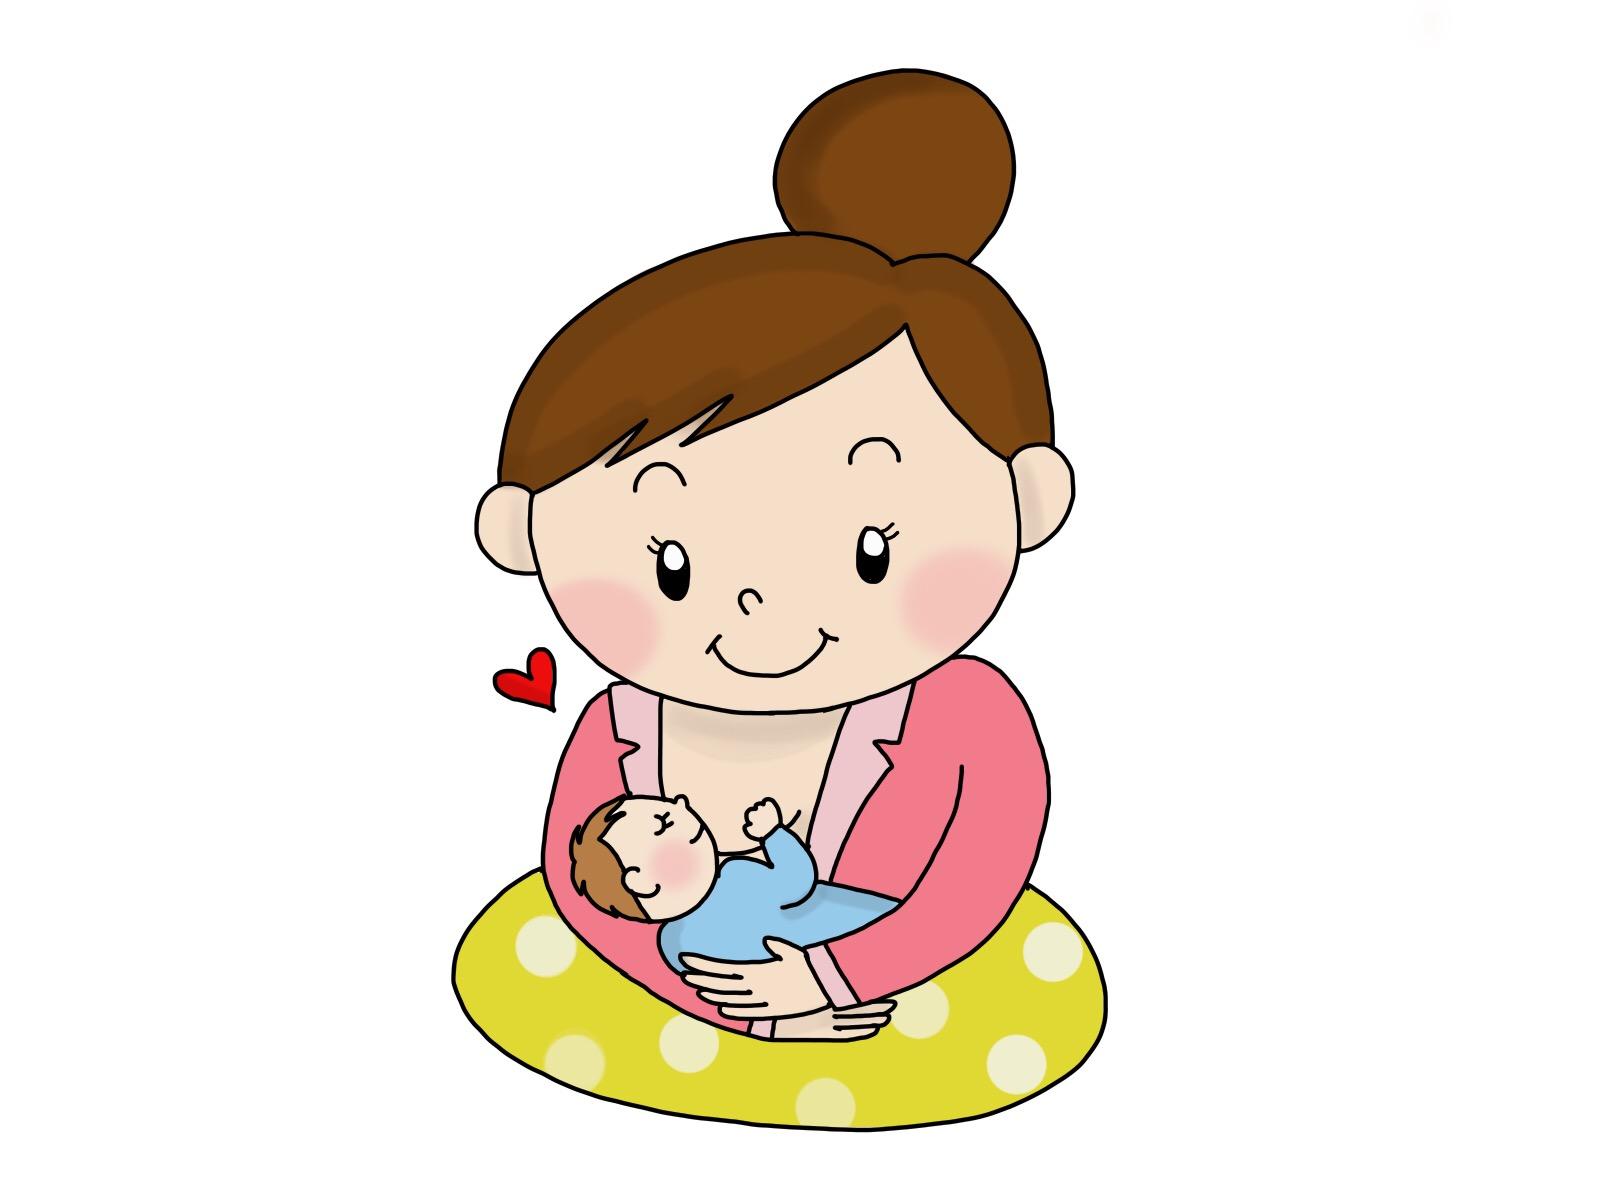 授乳中は花粉症の薬を飲んでも大丈夫?使用できる薬や母乳への影響について解説!